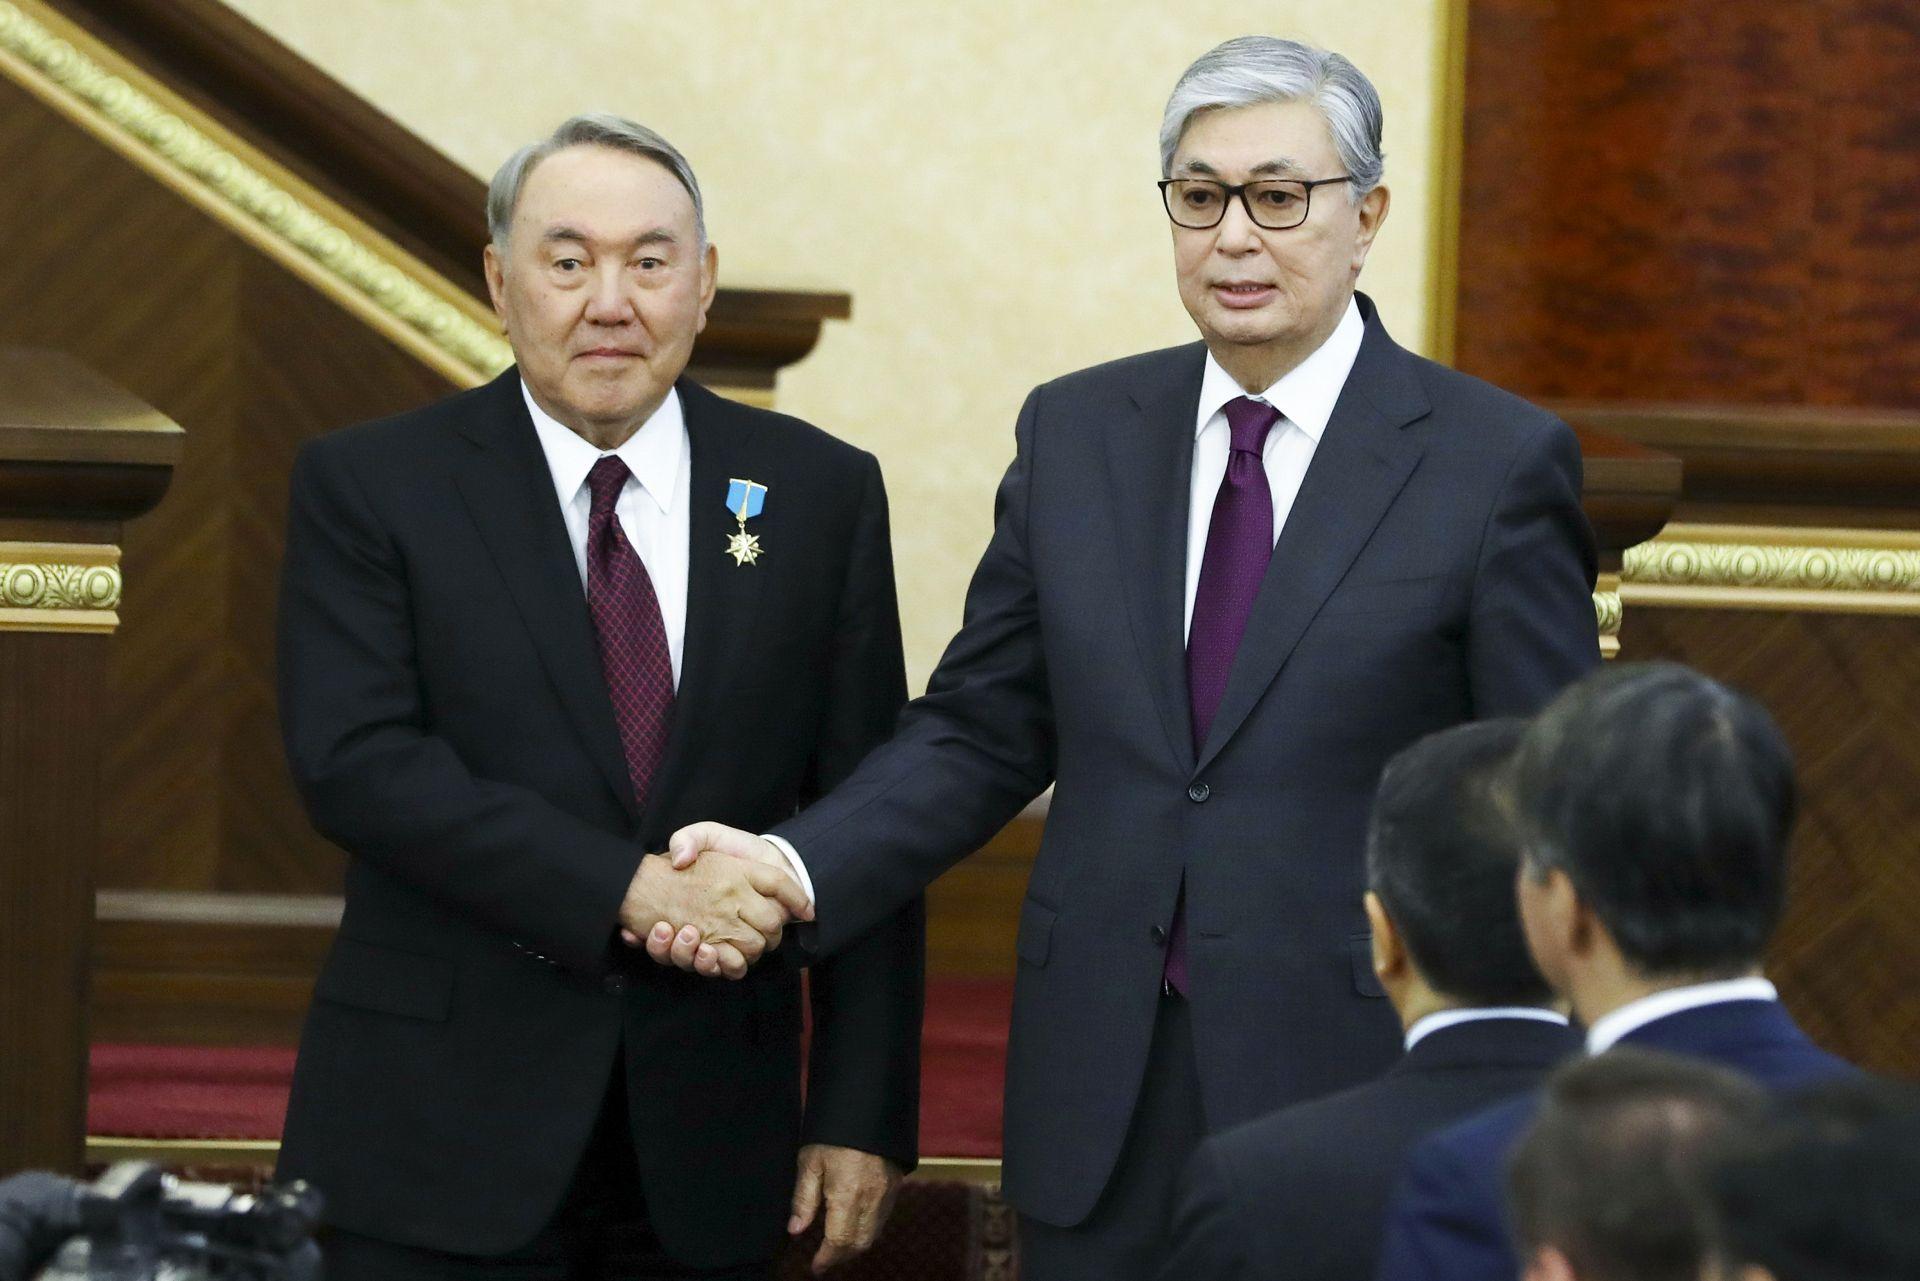 Новият президент на Казахстан Касим-Жомарт Токаев се ръкува с Нурсултан Назарбаев след церемонията по встъпване на длъжност